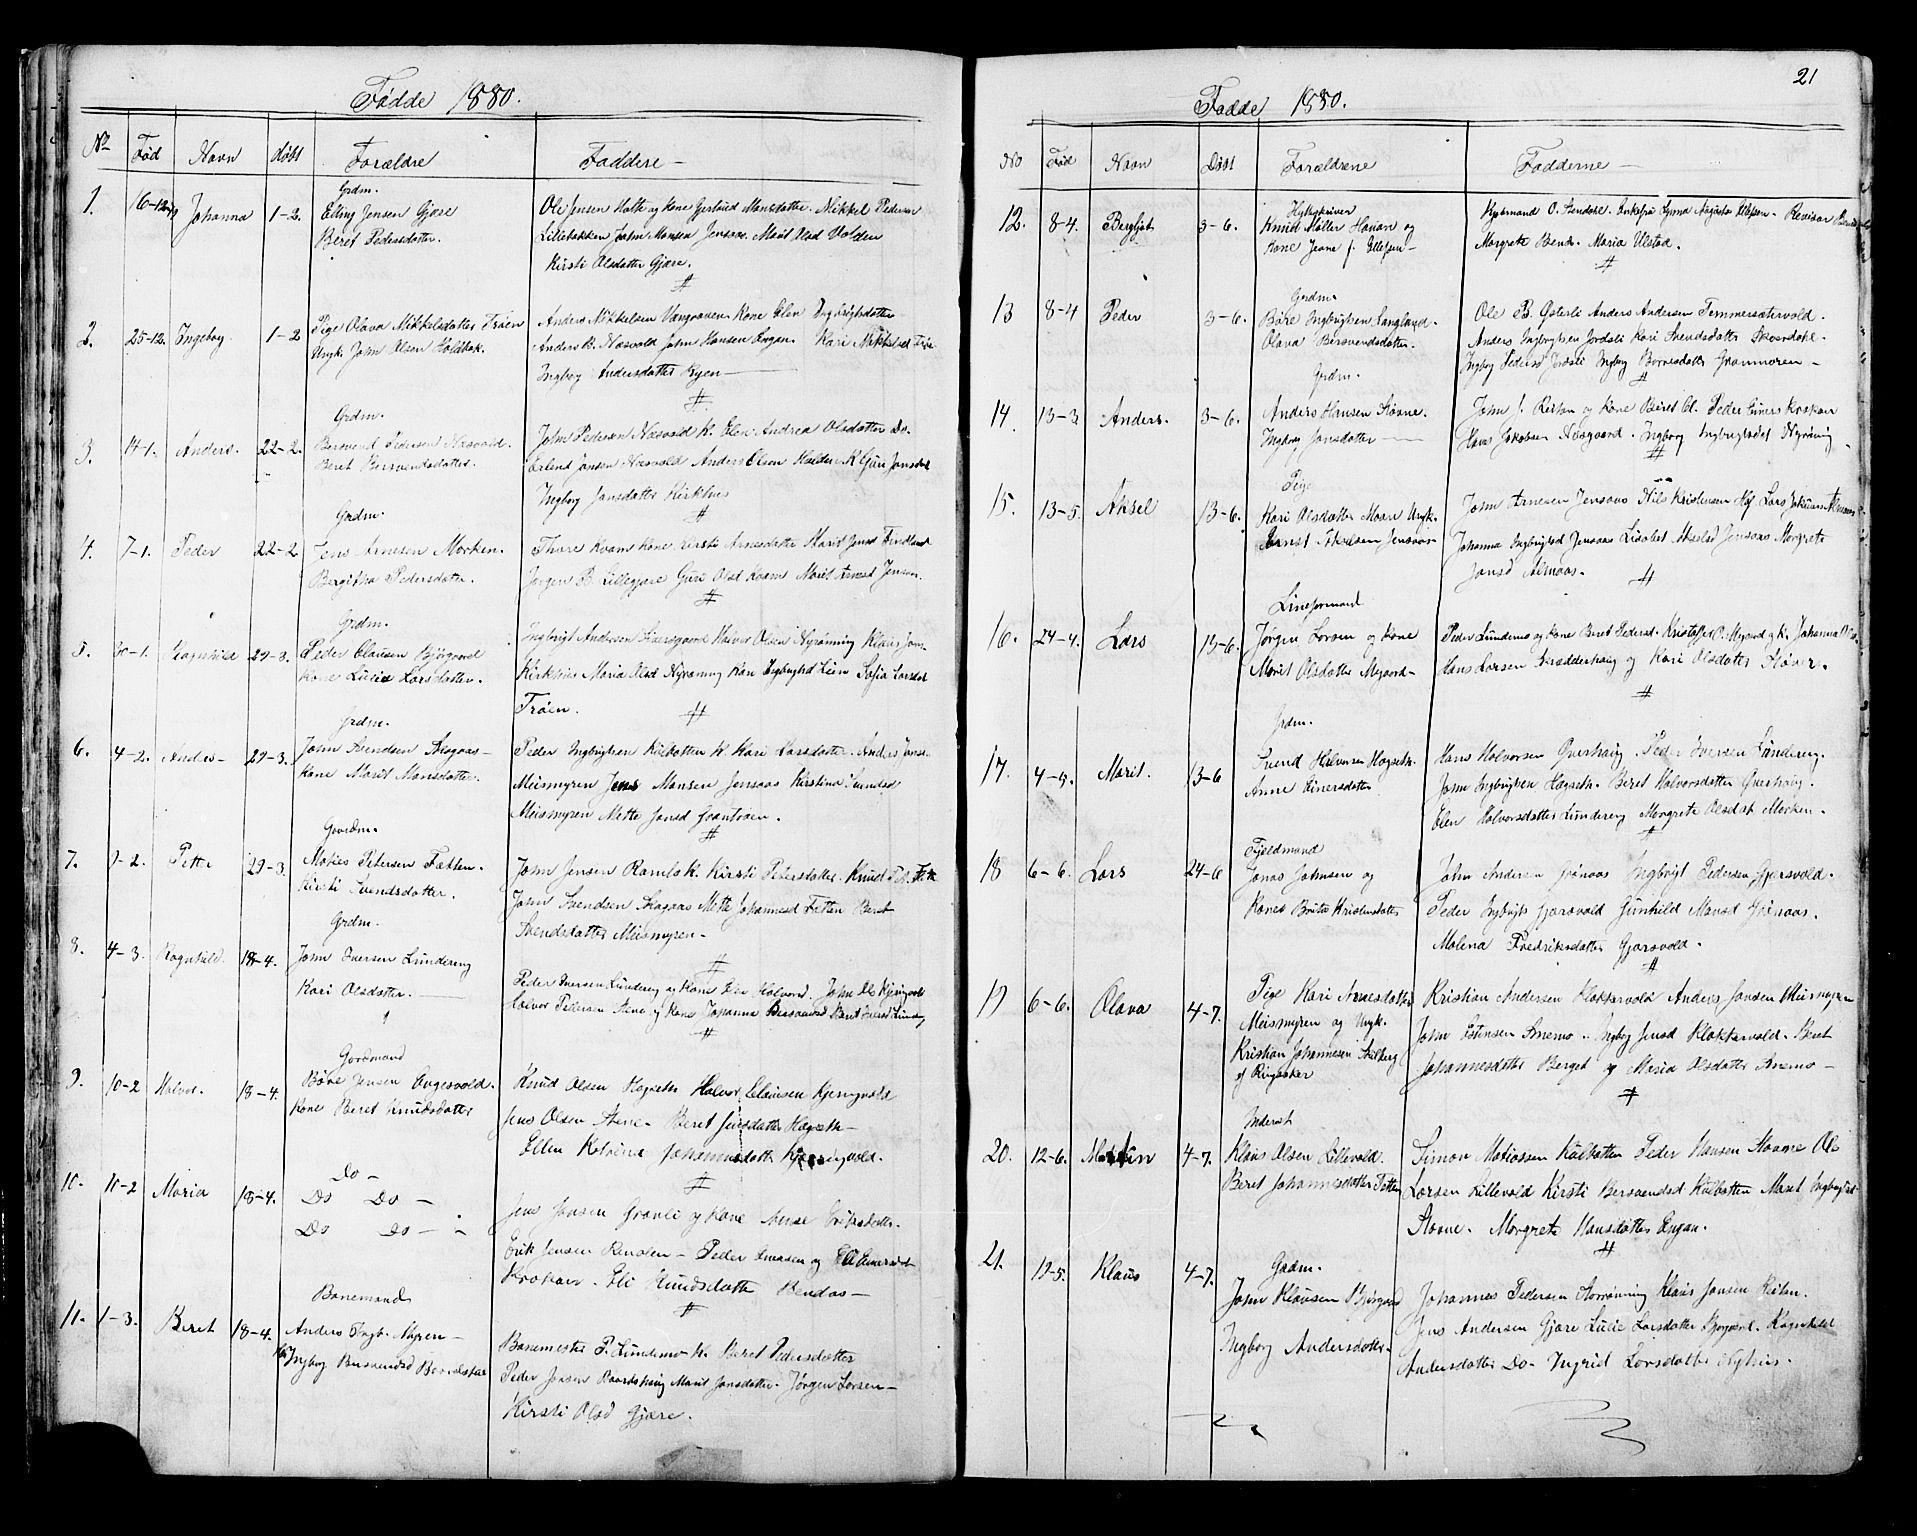 SAT, Ministerialprotokoller, klokkerbøker og fødselsregistre - Sør-Trøndelag, 686/L0985: Klokkerbok nr. 686C01, 1871-1933, s. 21